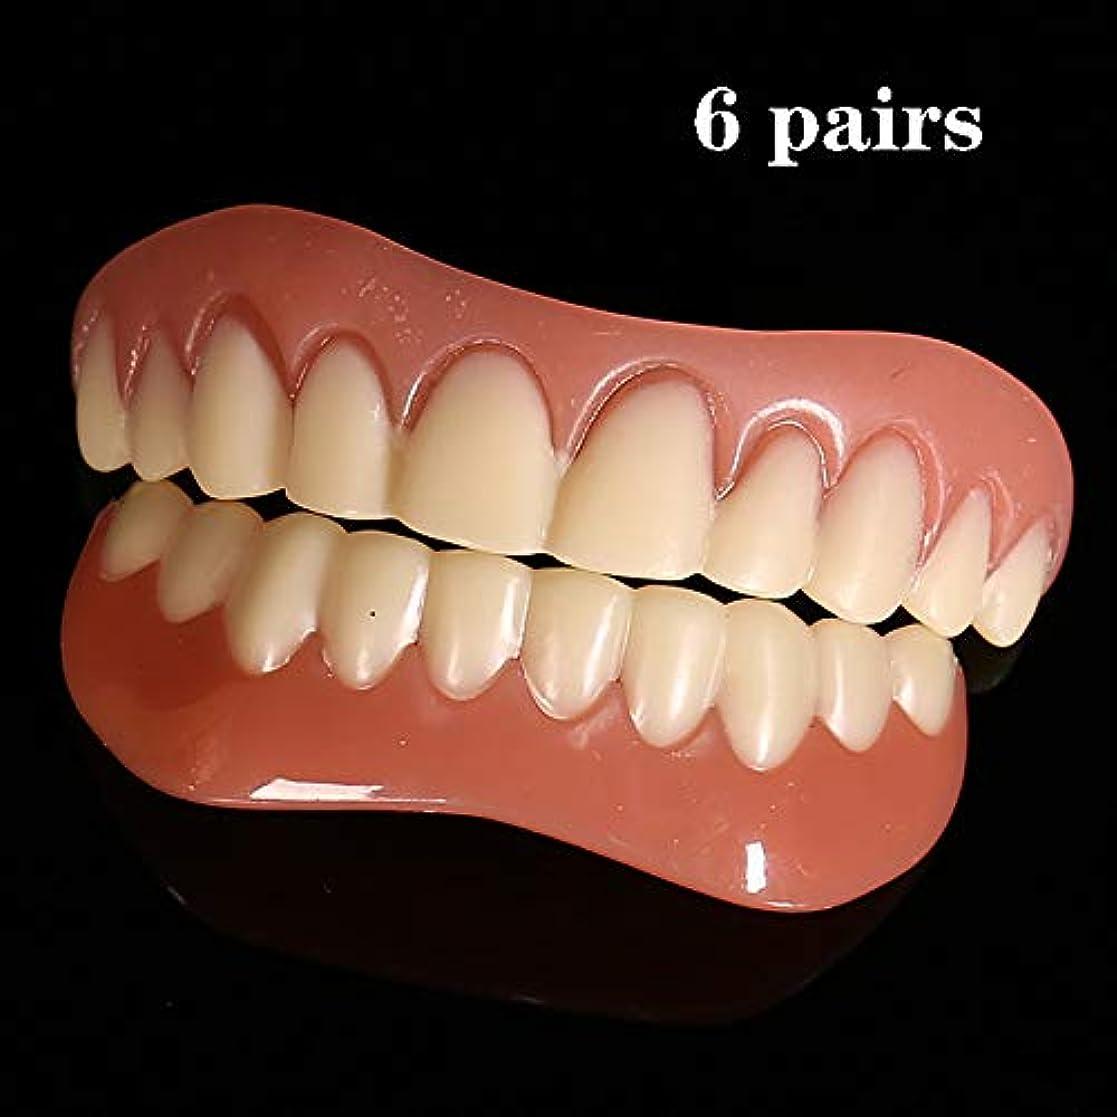 地獄約束する疎外する歯のベニヤ化粧品の歯スナップオンセキュア6ペア上下の快適さフィット歯のベニヤセキュアインスタントスマイル化粧品ワンサイズ全ての義歯ケアツールにフィット